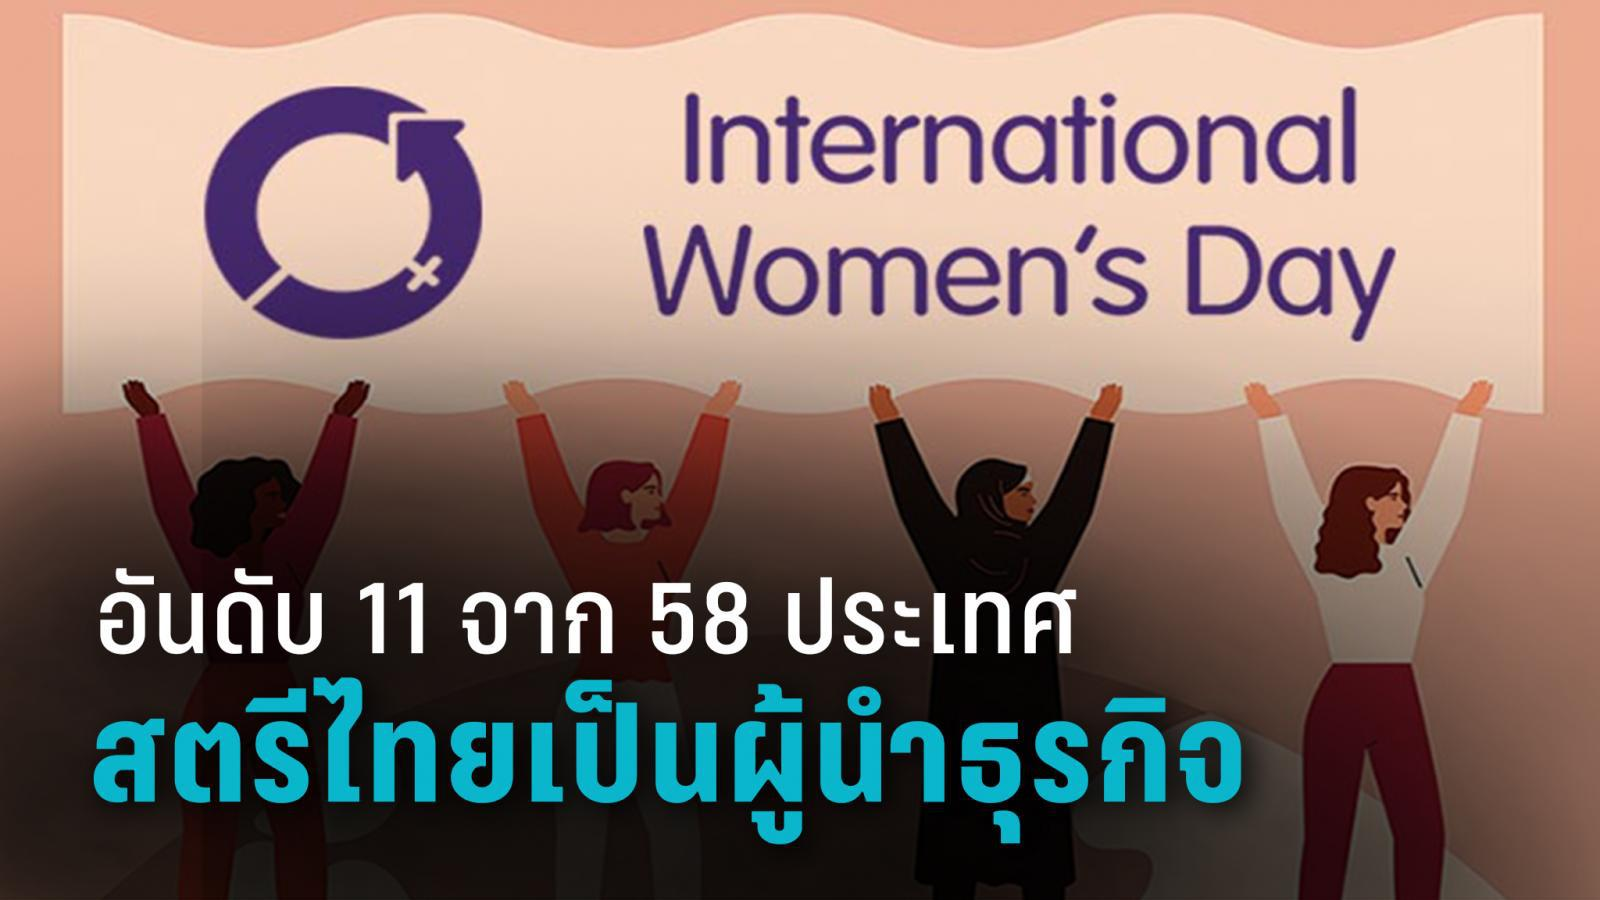 ไทย ติดอันดับที่ 11 จาก 58  ประเทศ ผู้หญิงมีบทบาทในฐานะผู้นำทางธุรกิจ